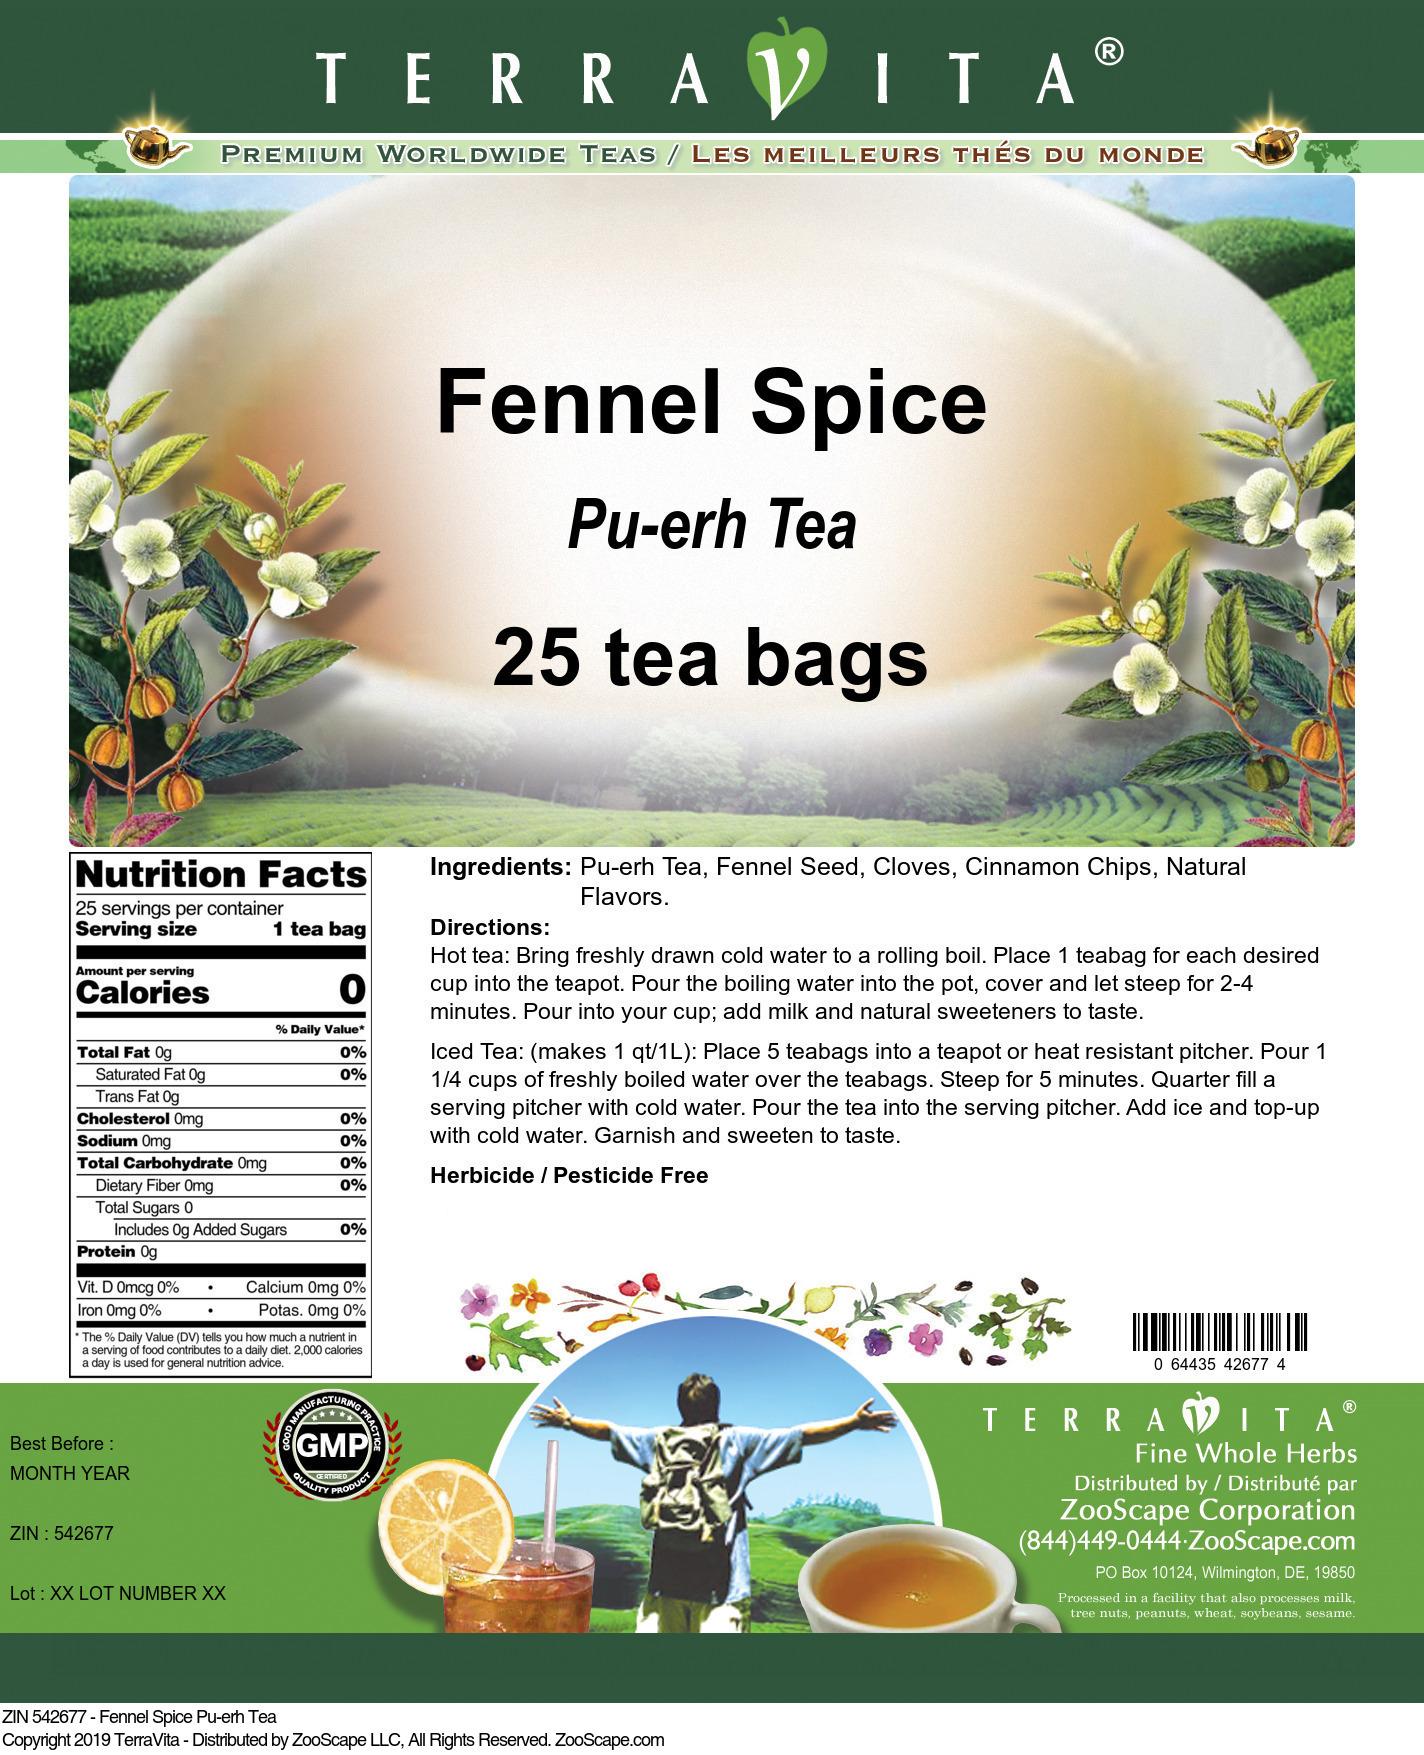 Fennel Spice Pu-erh Tea